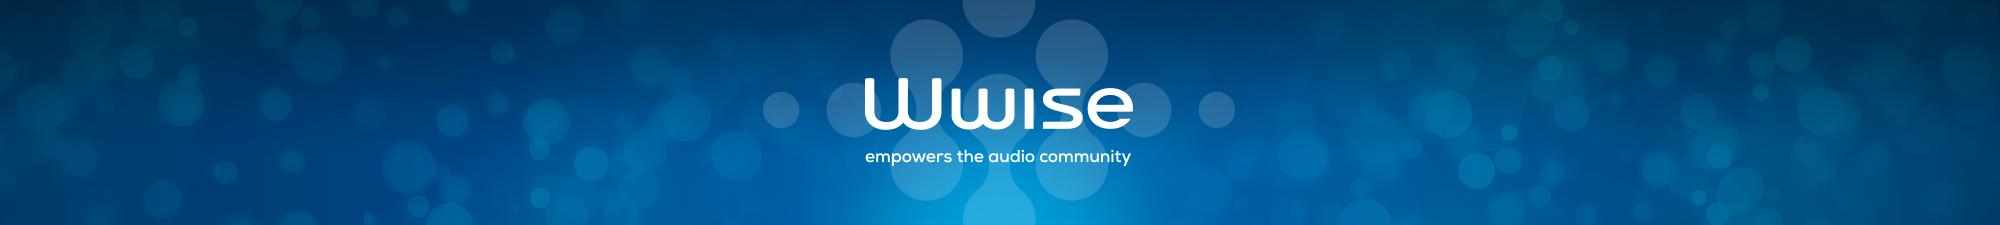 AUDIO-Entetes2020-2000x225-Wwise_Tagline-NoBubbles-03